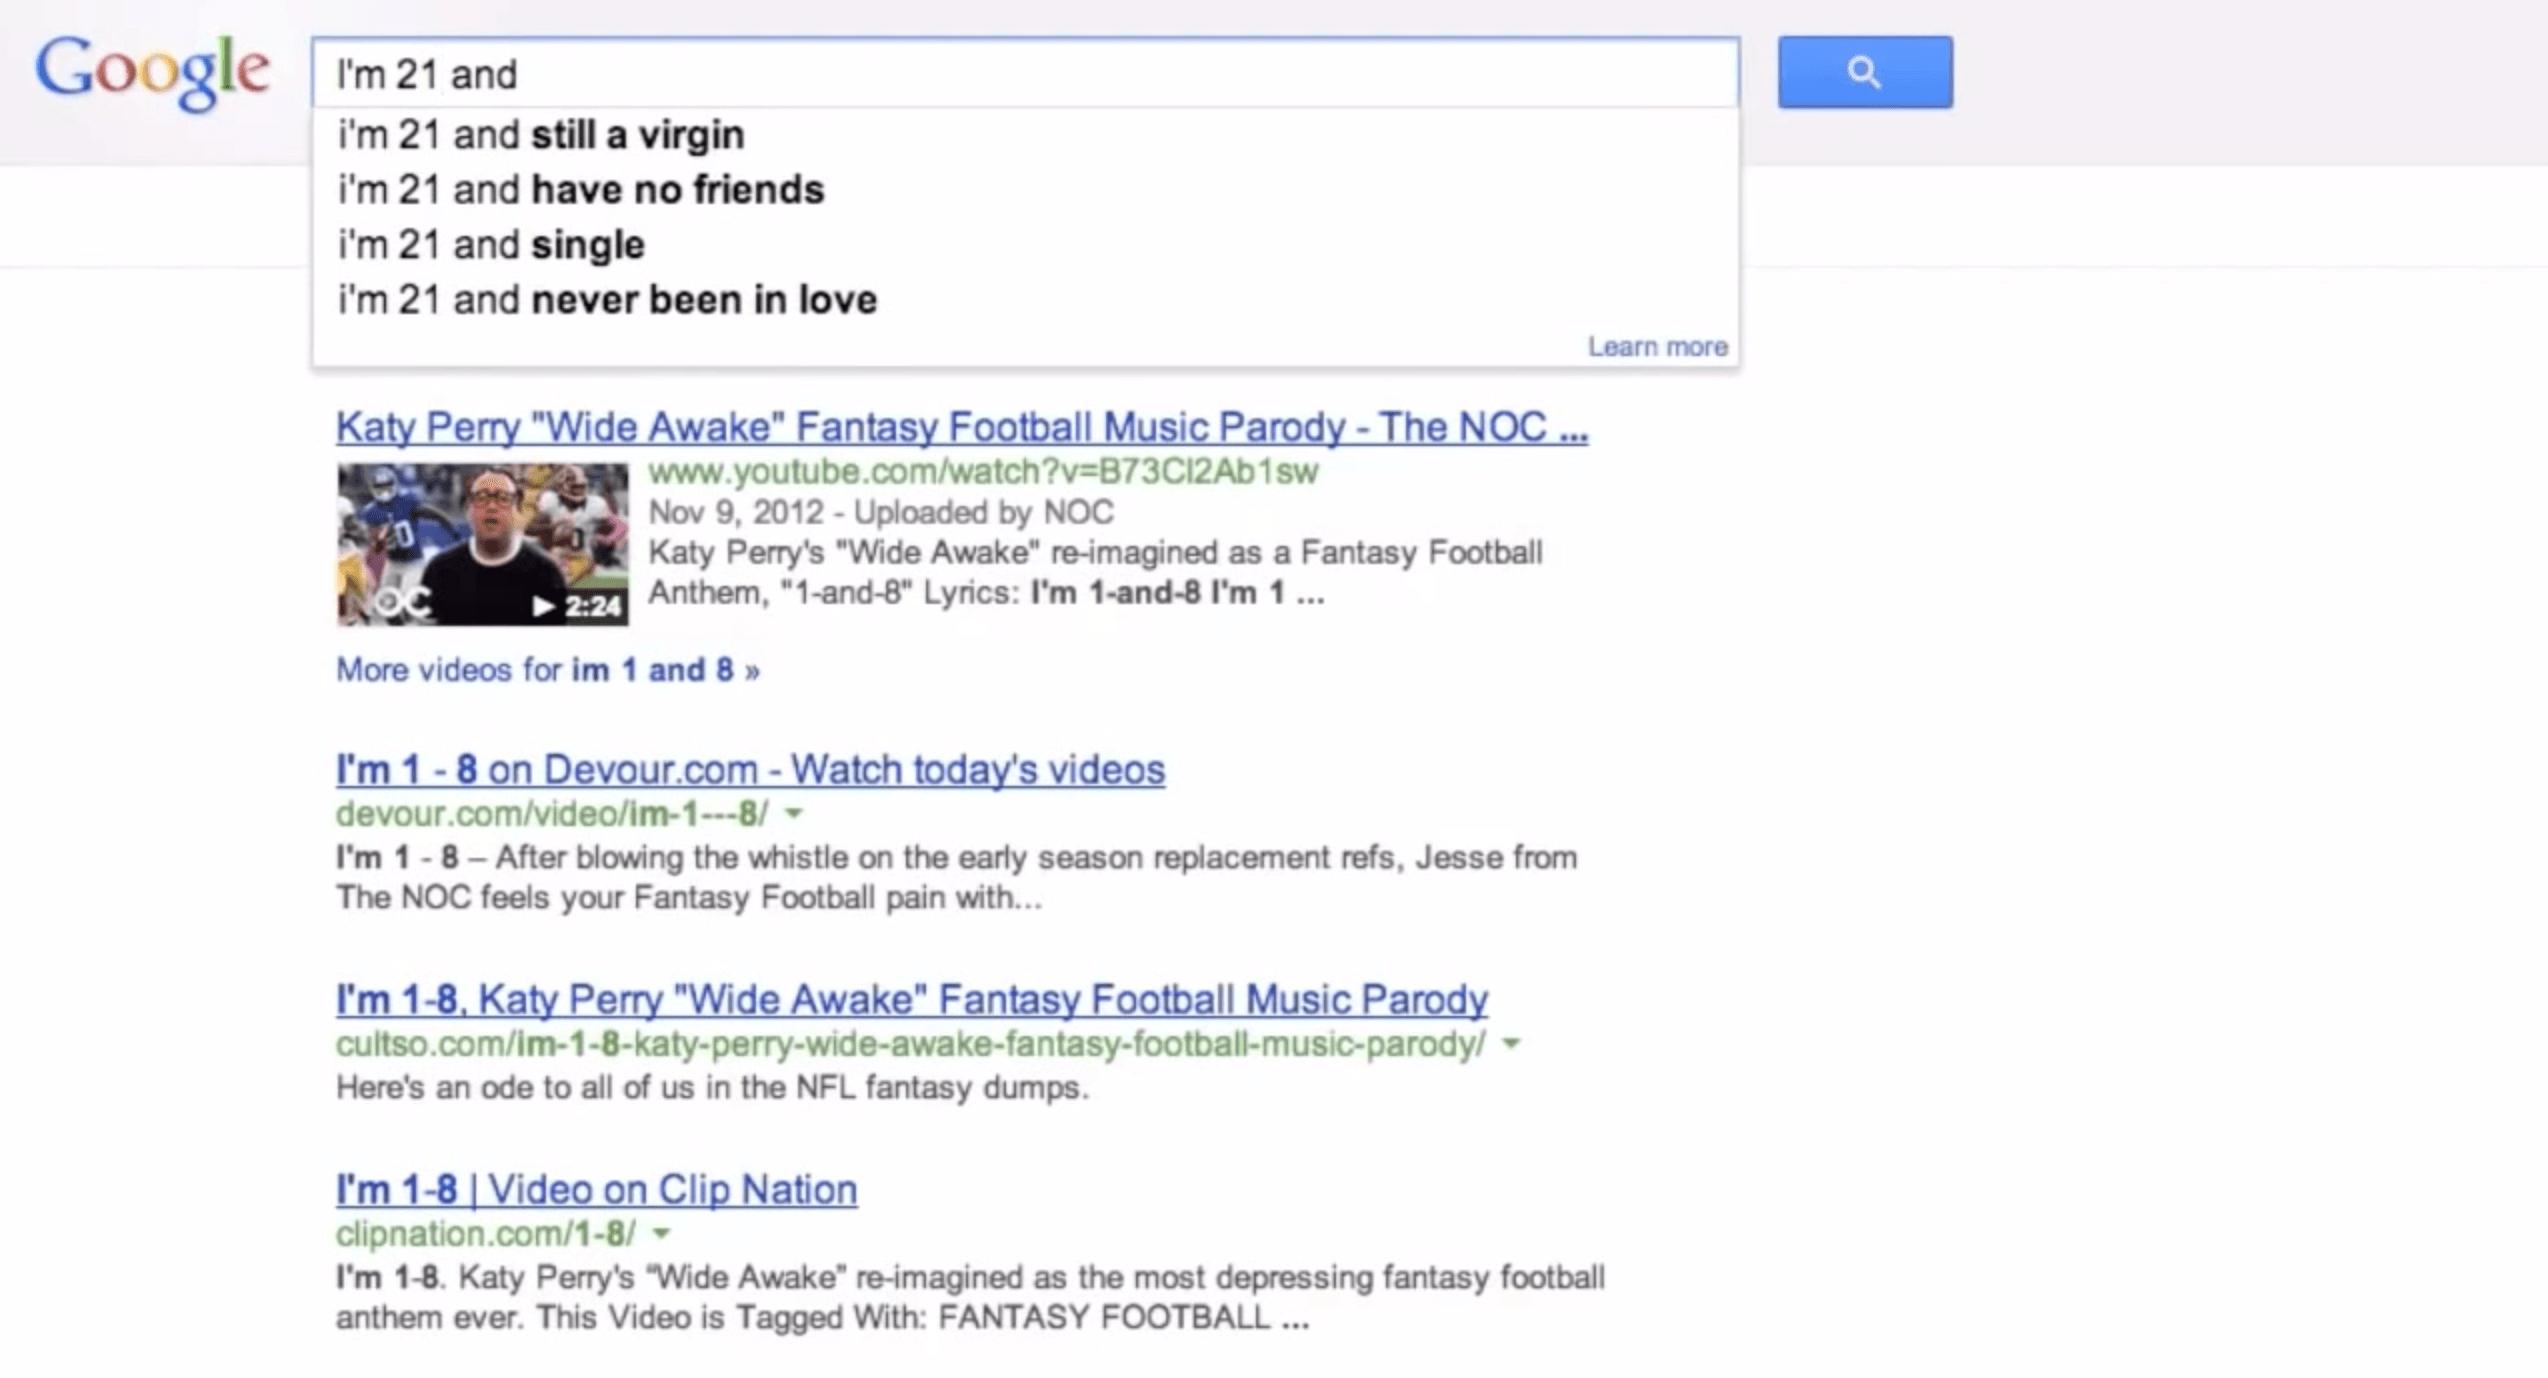 googleeyes